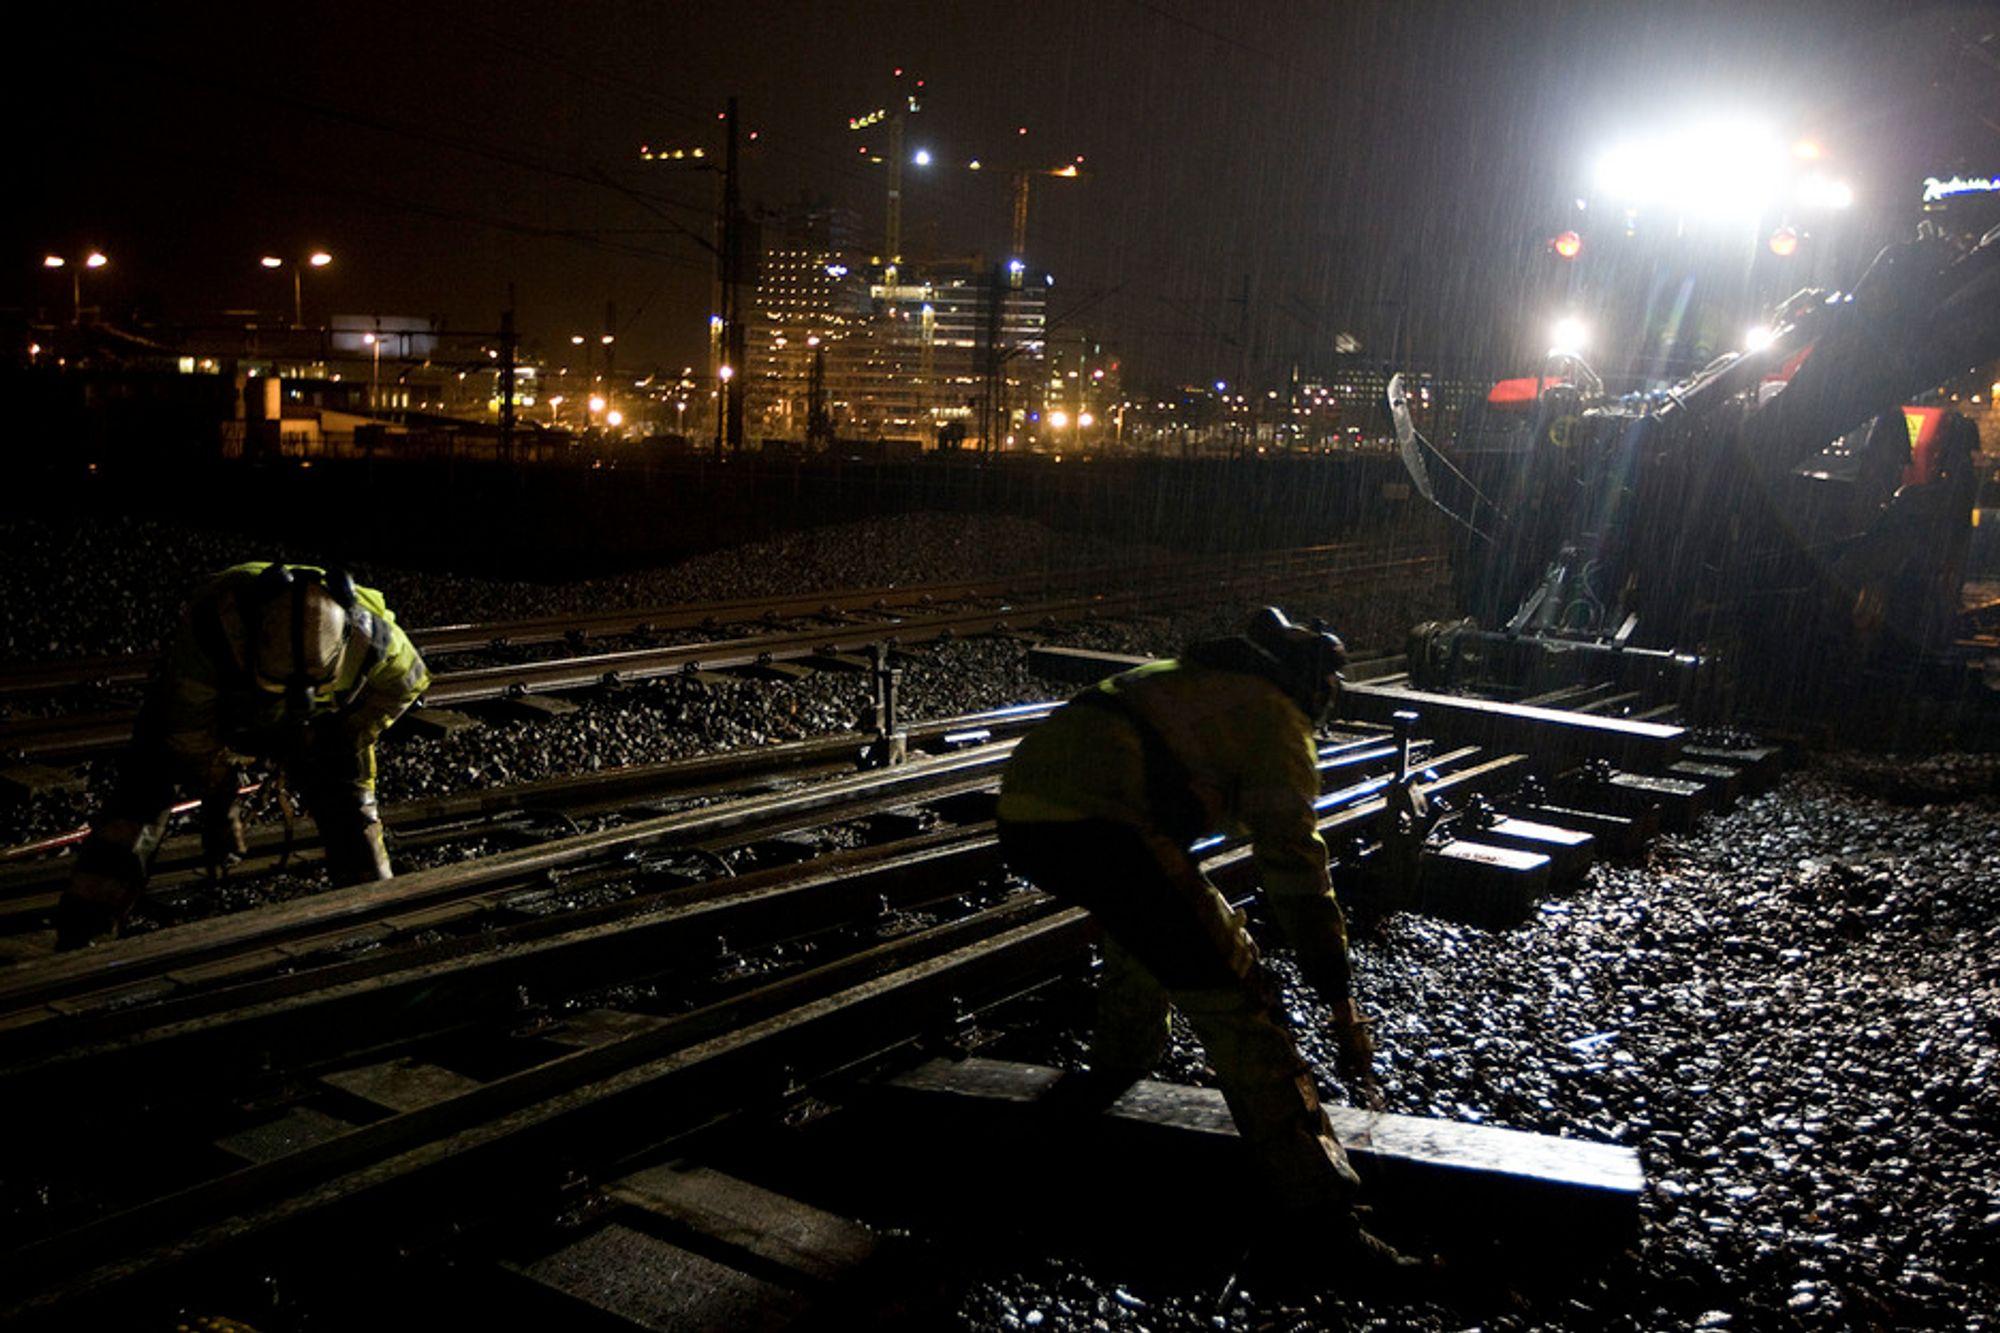 Jernbanenettet har blitt i enda dårligere forfatning under en rødgrønn regjeringen som skryter av sin jernbanesatsing.